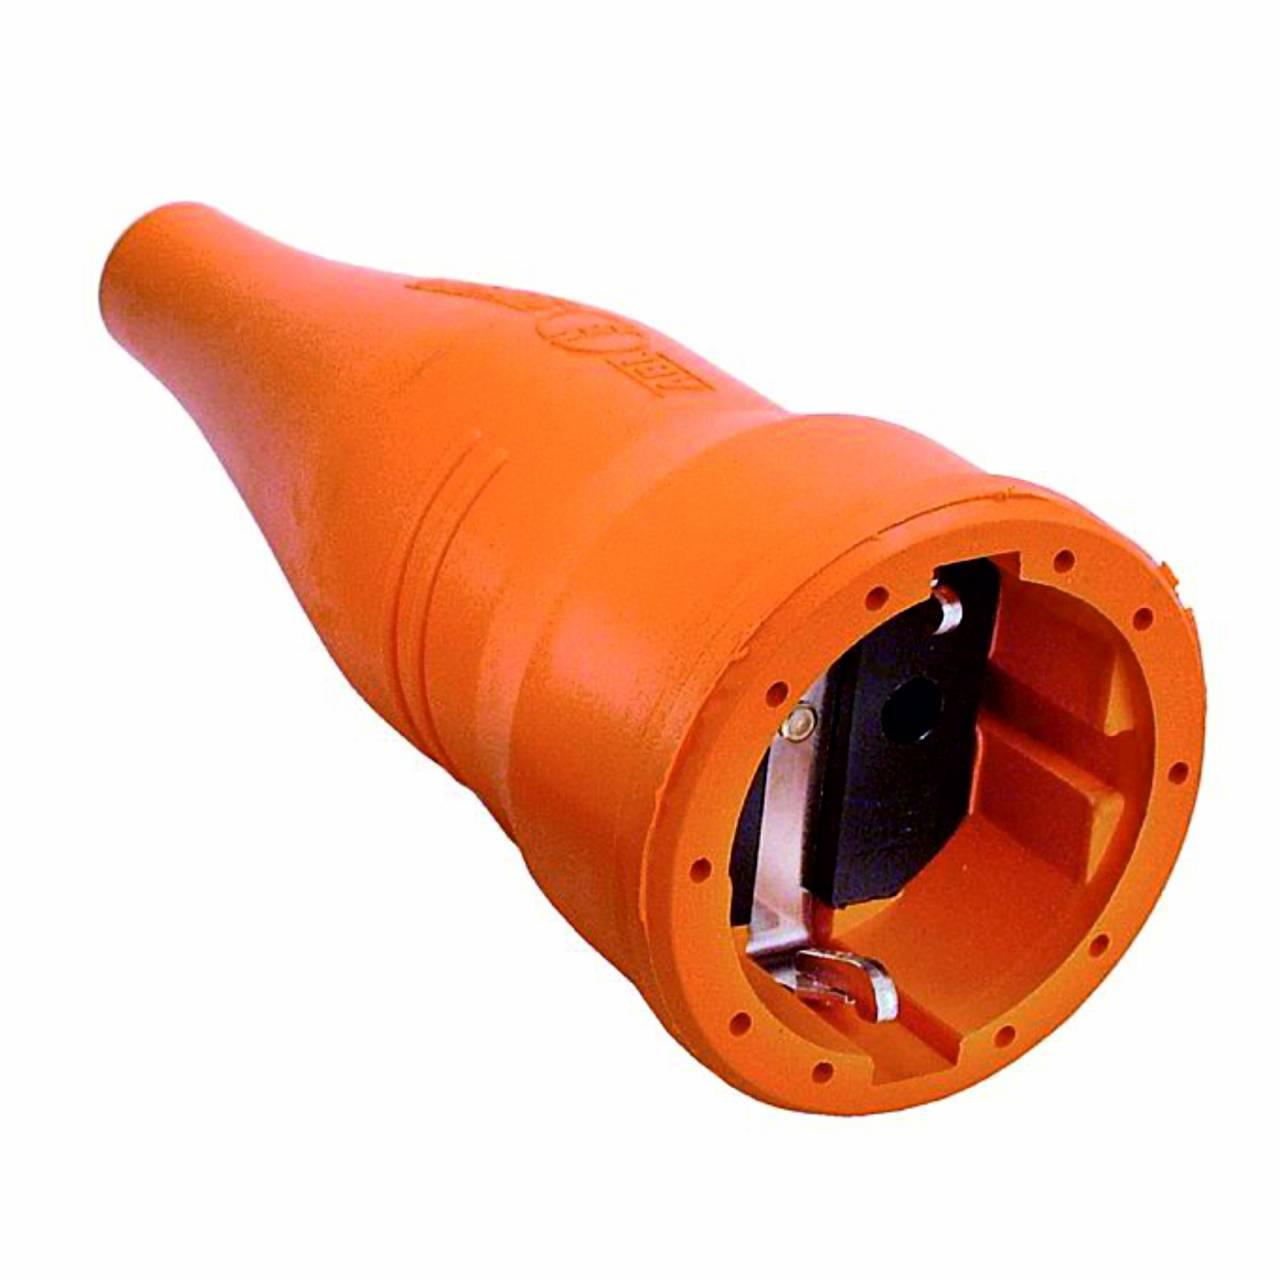 Schutzkontakt-Gummi-Kupplung, orange, 230V / 16A, Innenbereich